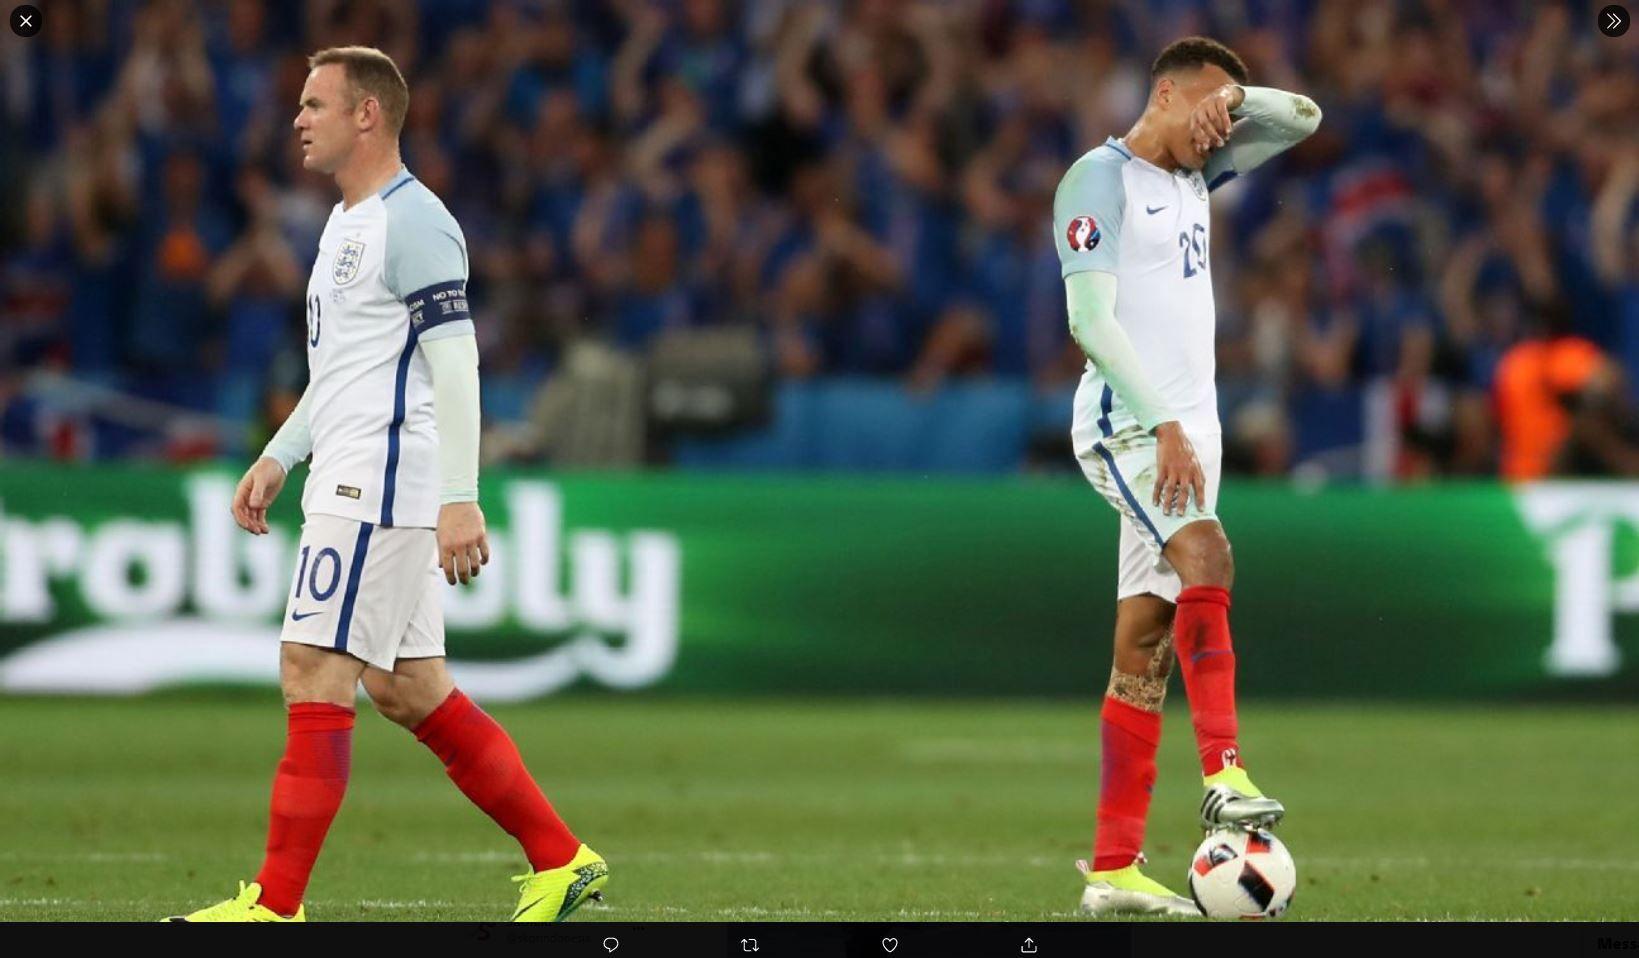 Ekspresi pemain timnas Inggris setelah kalah 1-2 dari Islandia di Piala Eropa 2016.